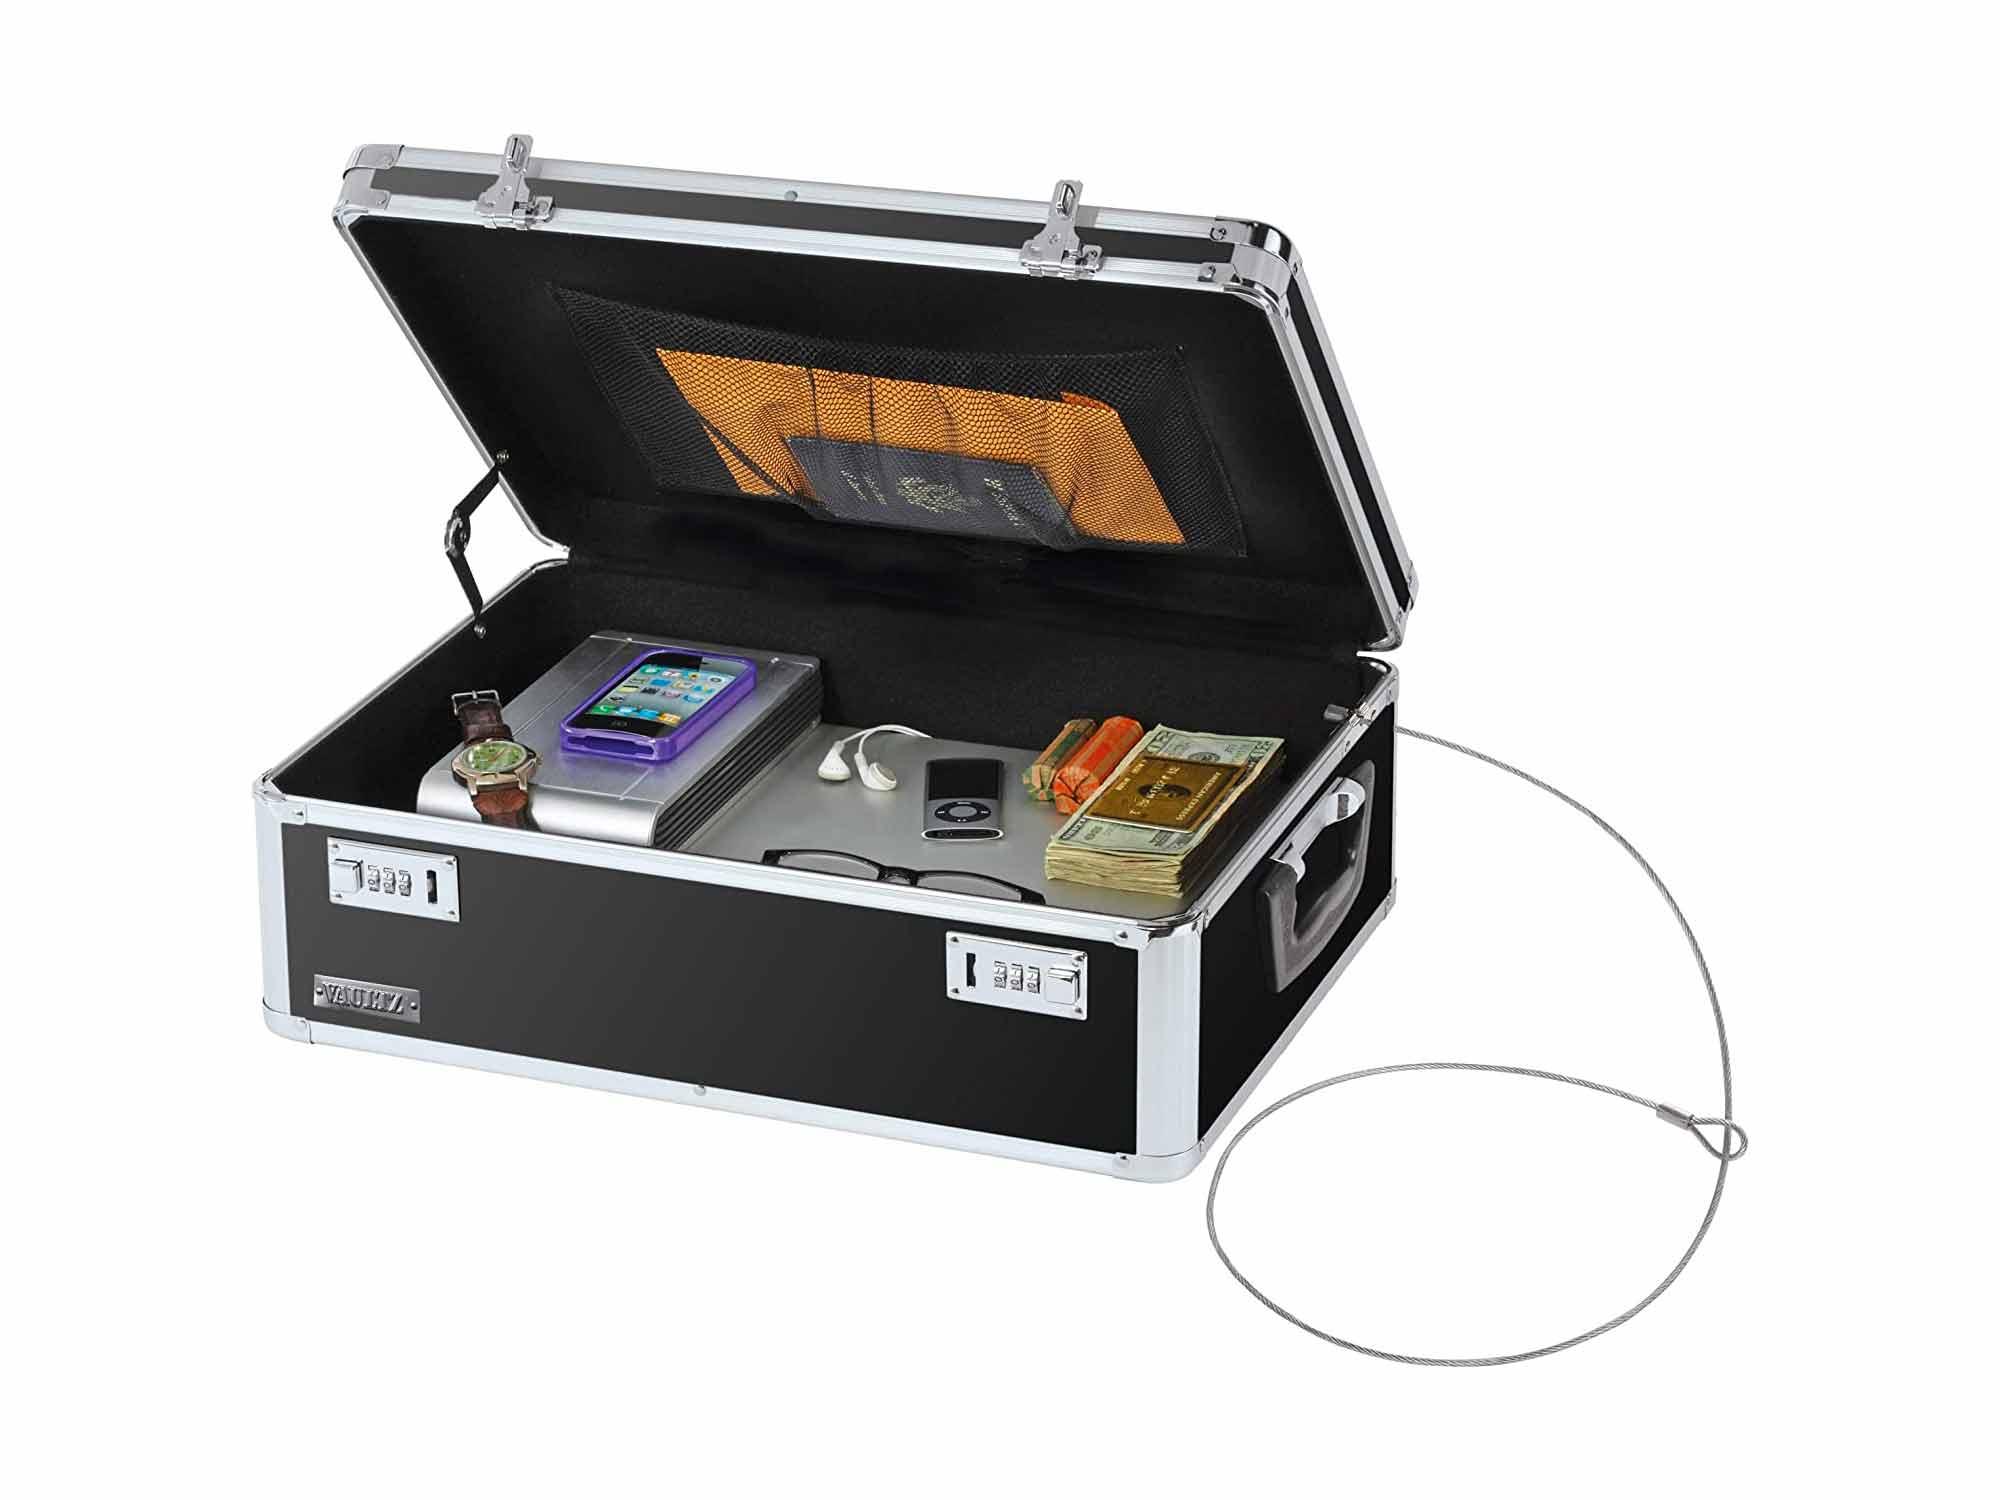 Vaultz Locking Storage Chest/Dorm Storage with Combination Locks, 6.5 x 19 x 13.5 Inches, Black